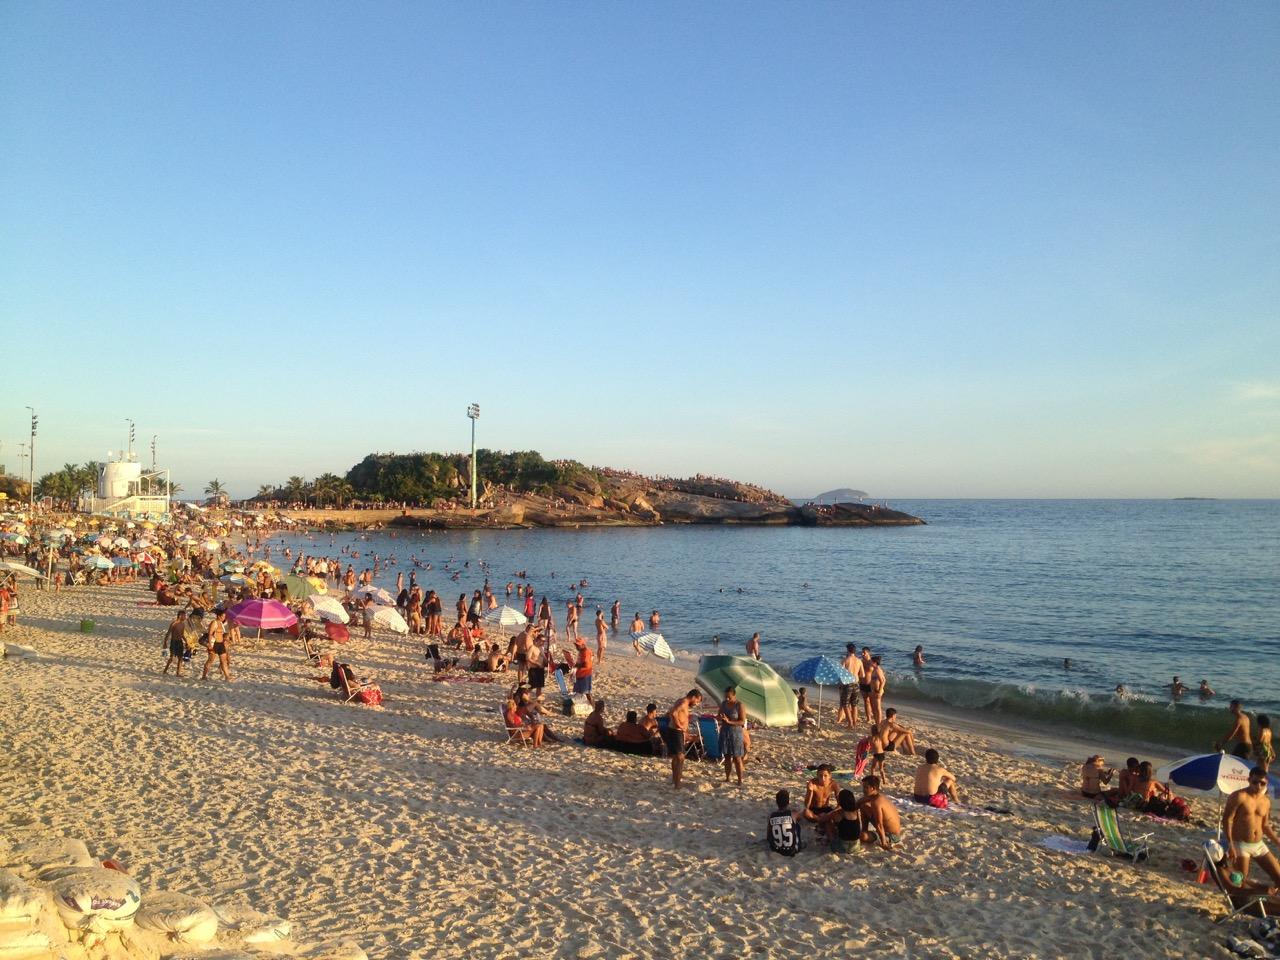 Menschen an einem Strand in Brasilien